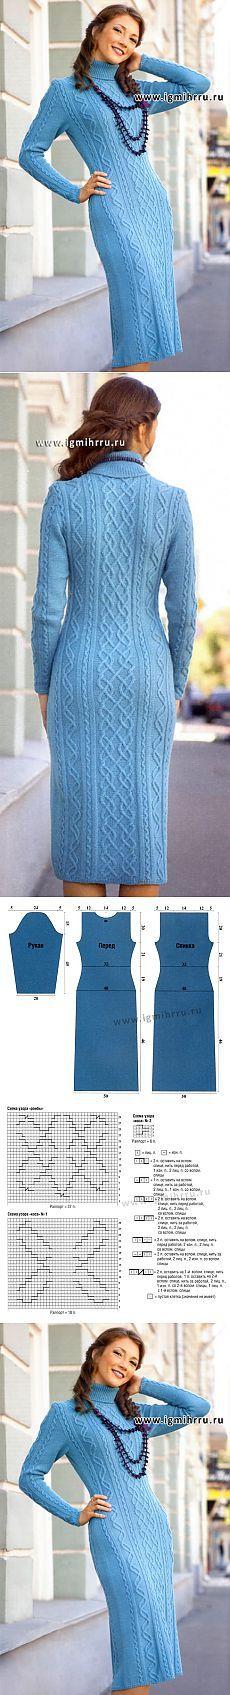 Теплое голубое платье с рельефными узорами